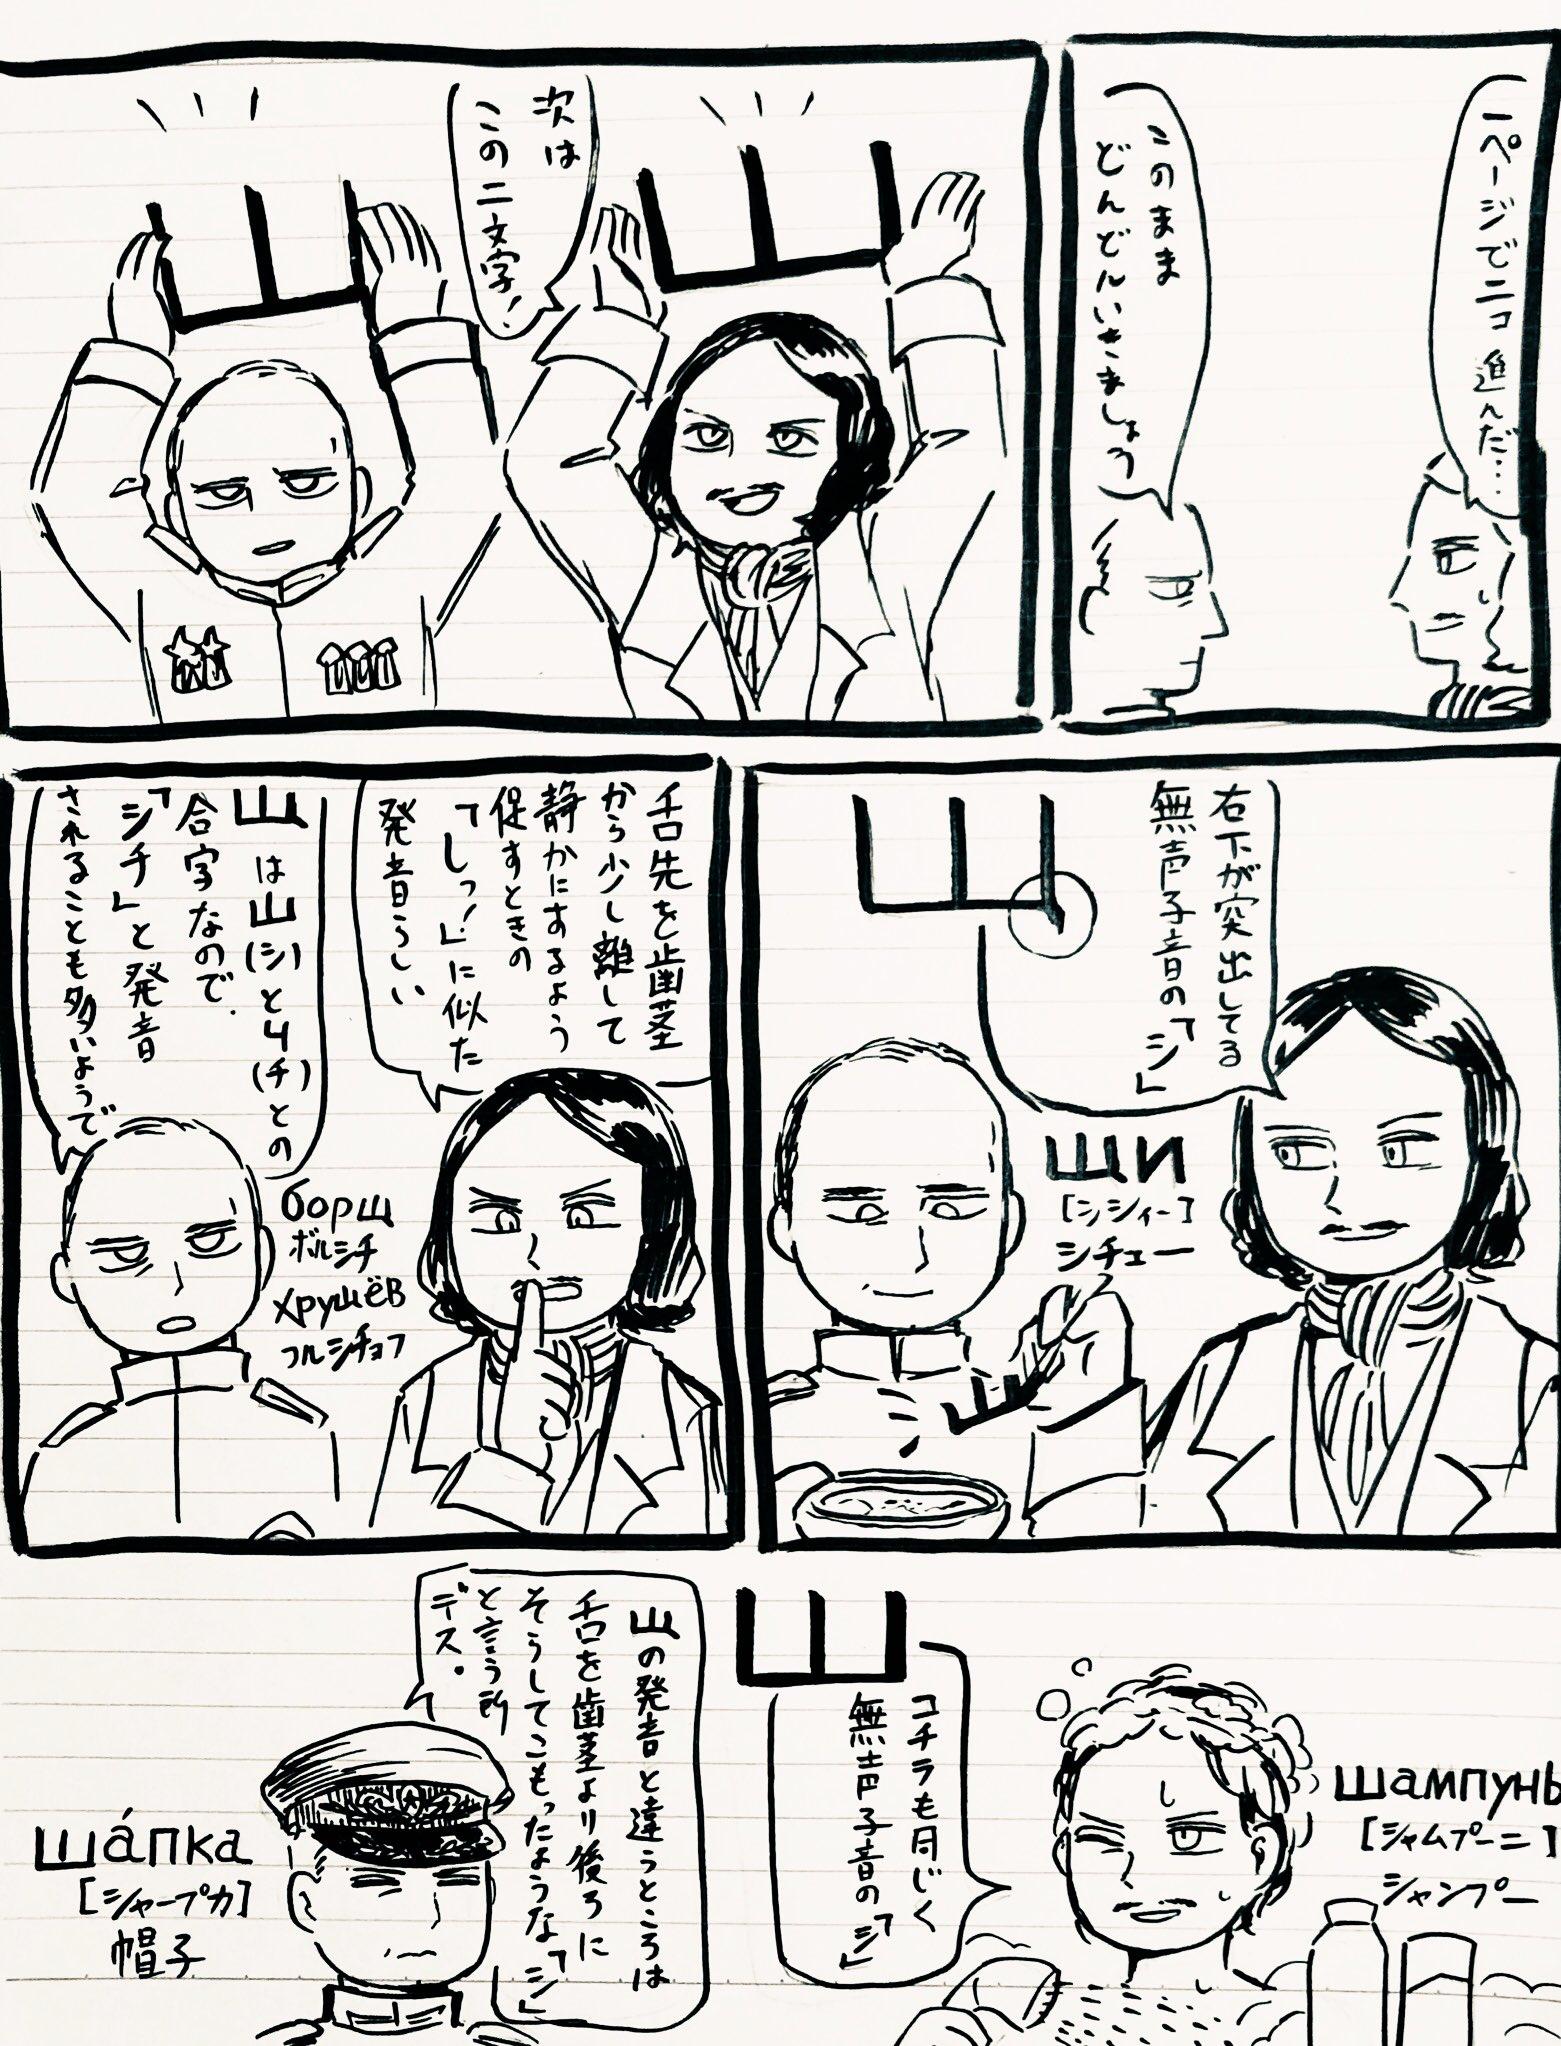 Комиксы японца, изучающего русский язык (источник: твиттер-аккаунт @hjwHazEXJyM8M2W)